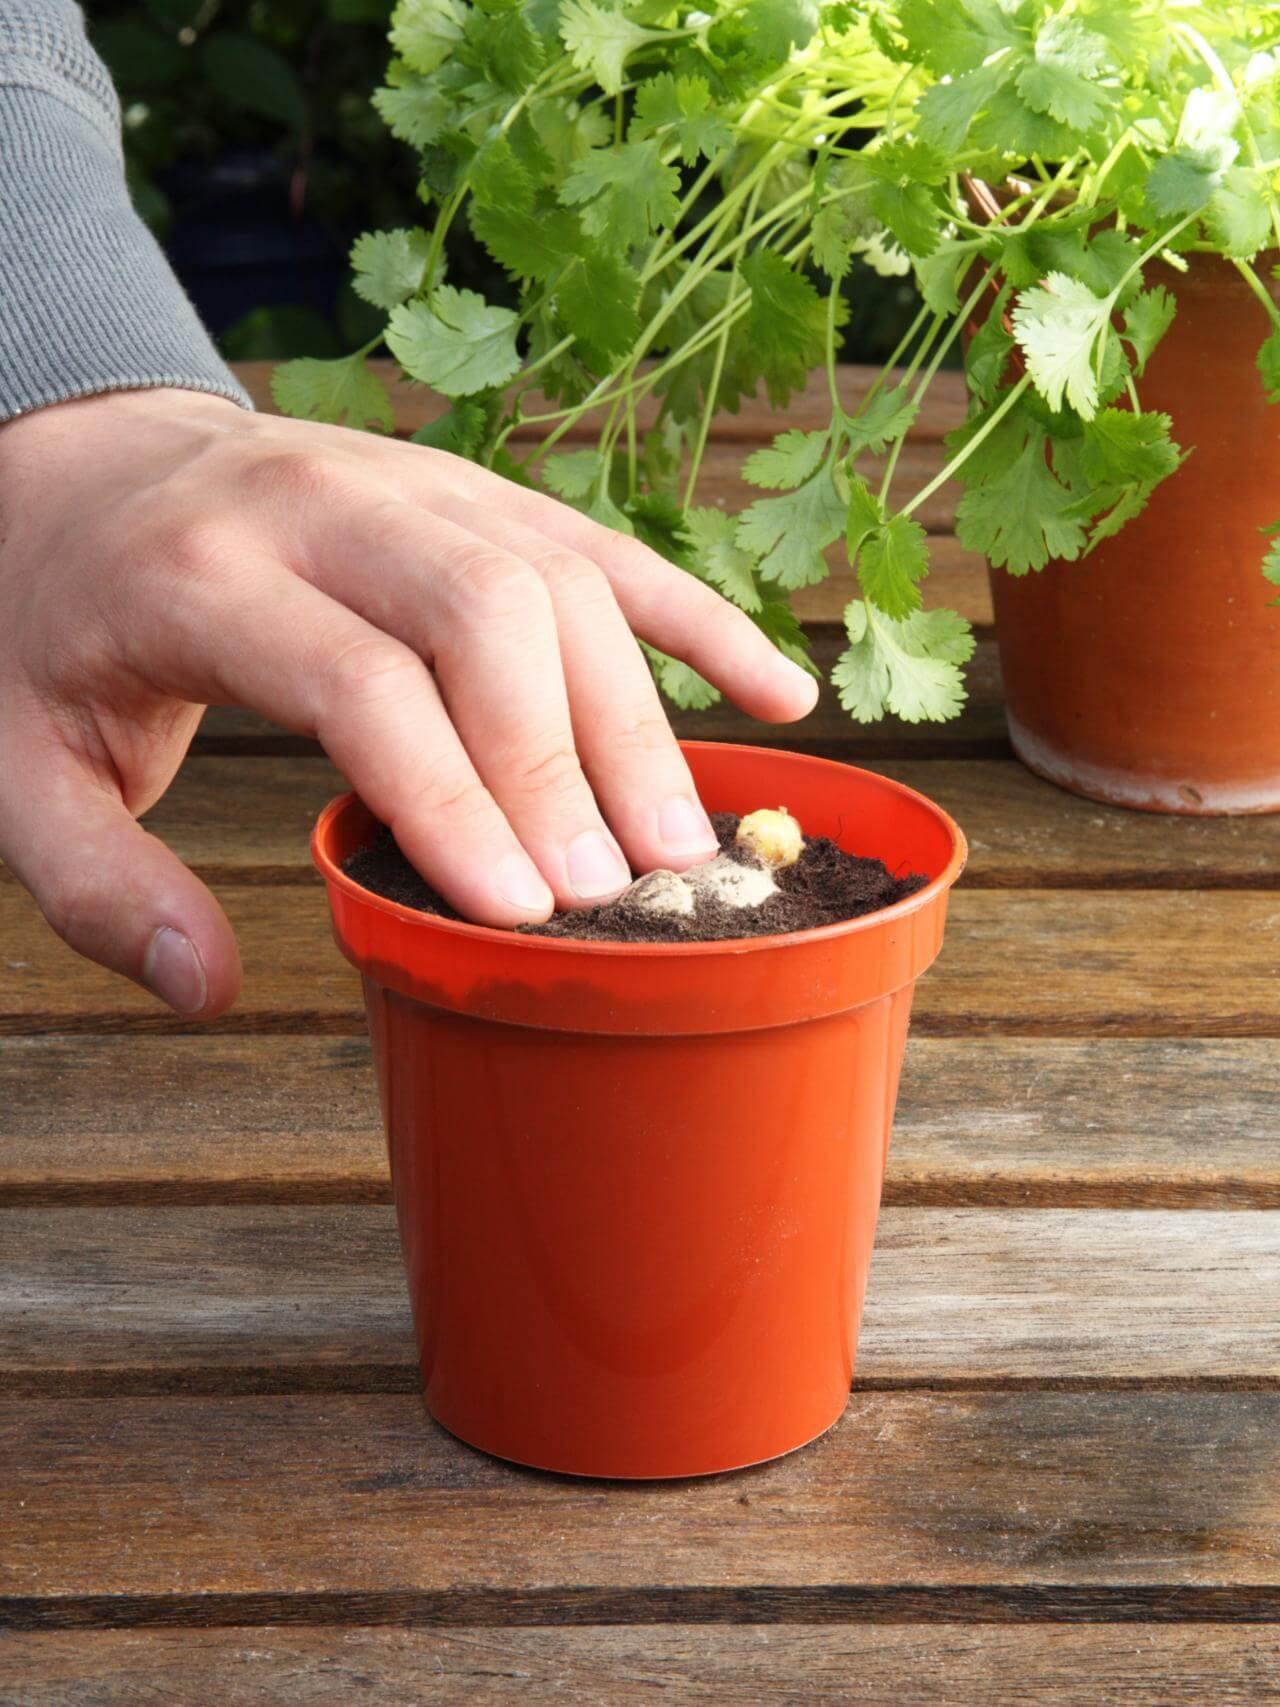 كيفية زراعة الزنجبيل